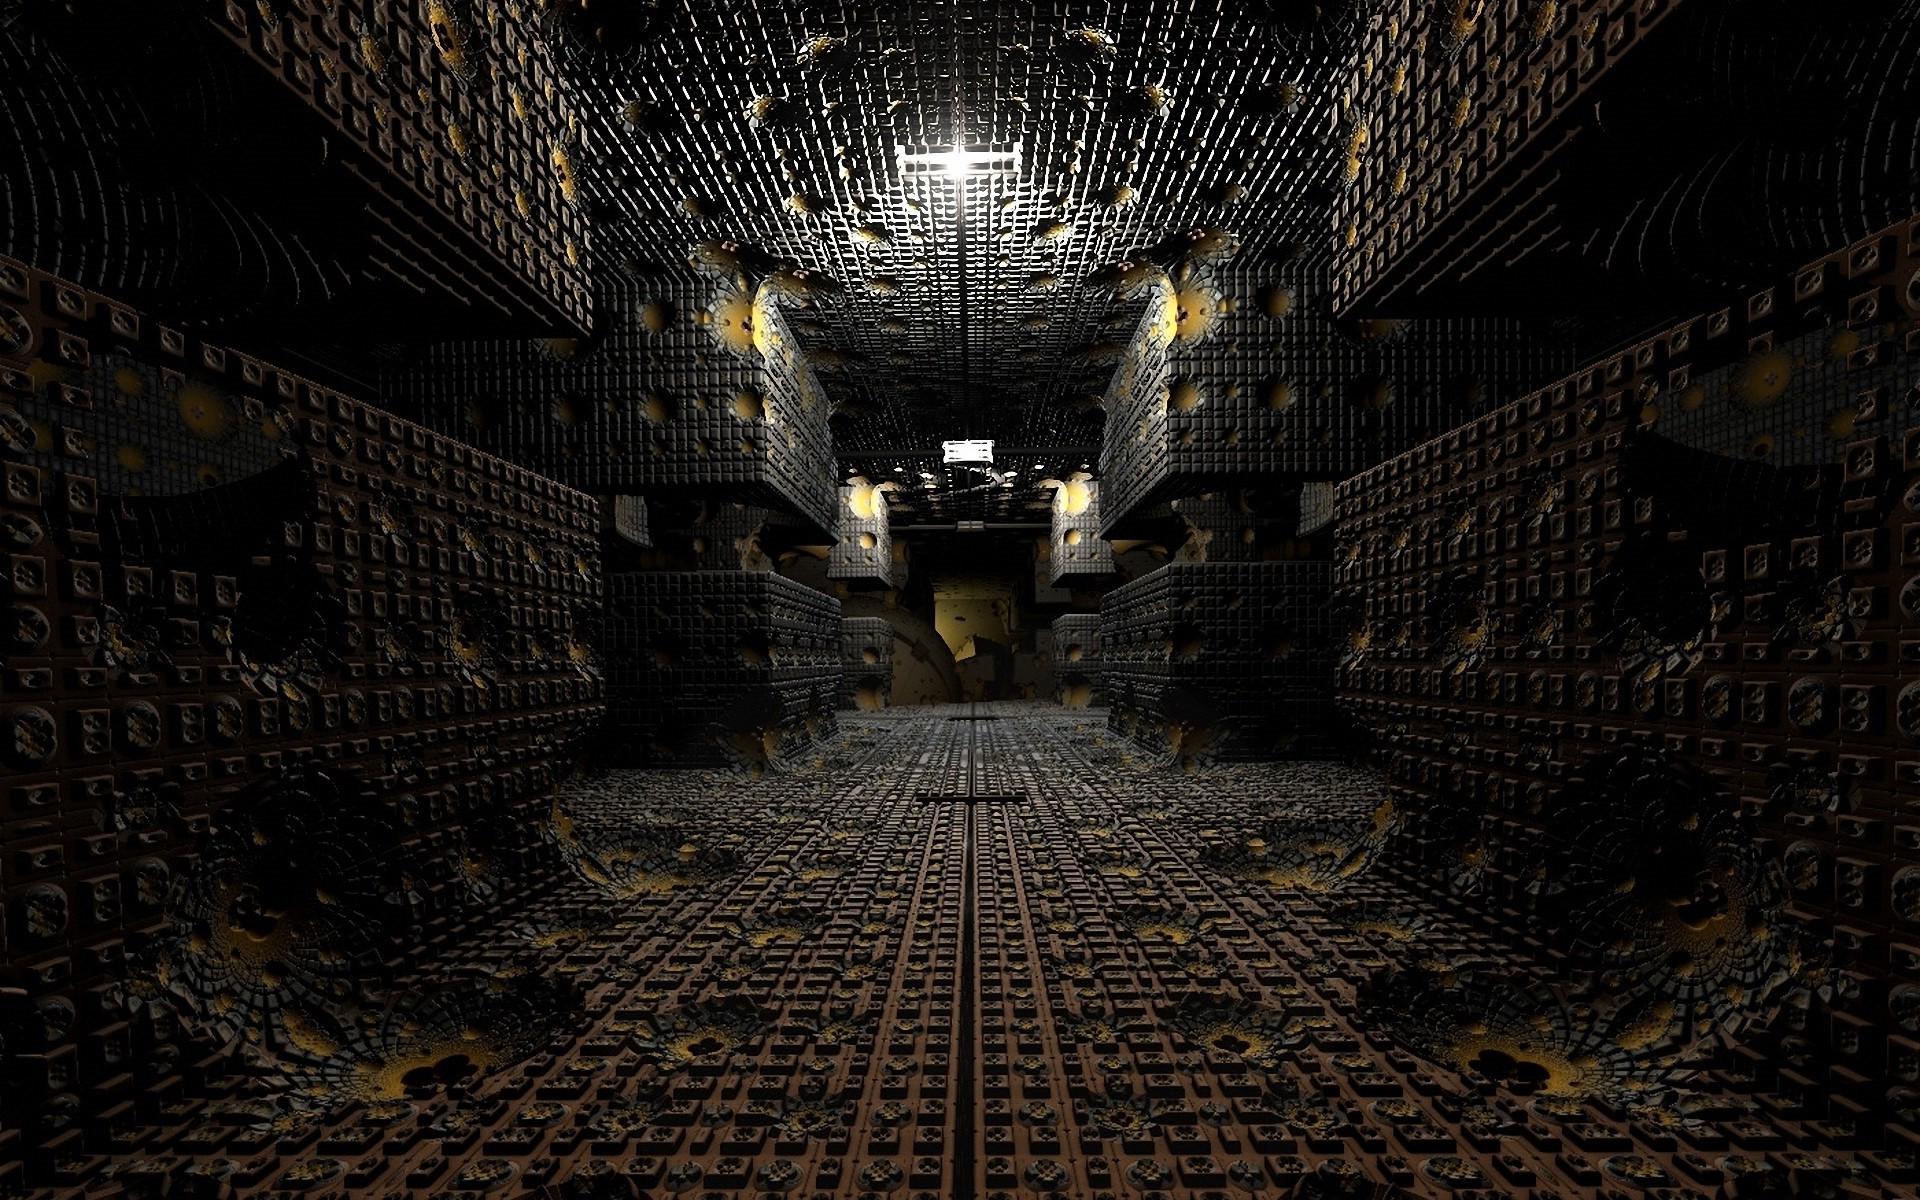 wallpaper : 1920x1200 px, 3d, architecture, building, fractal